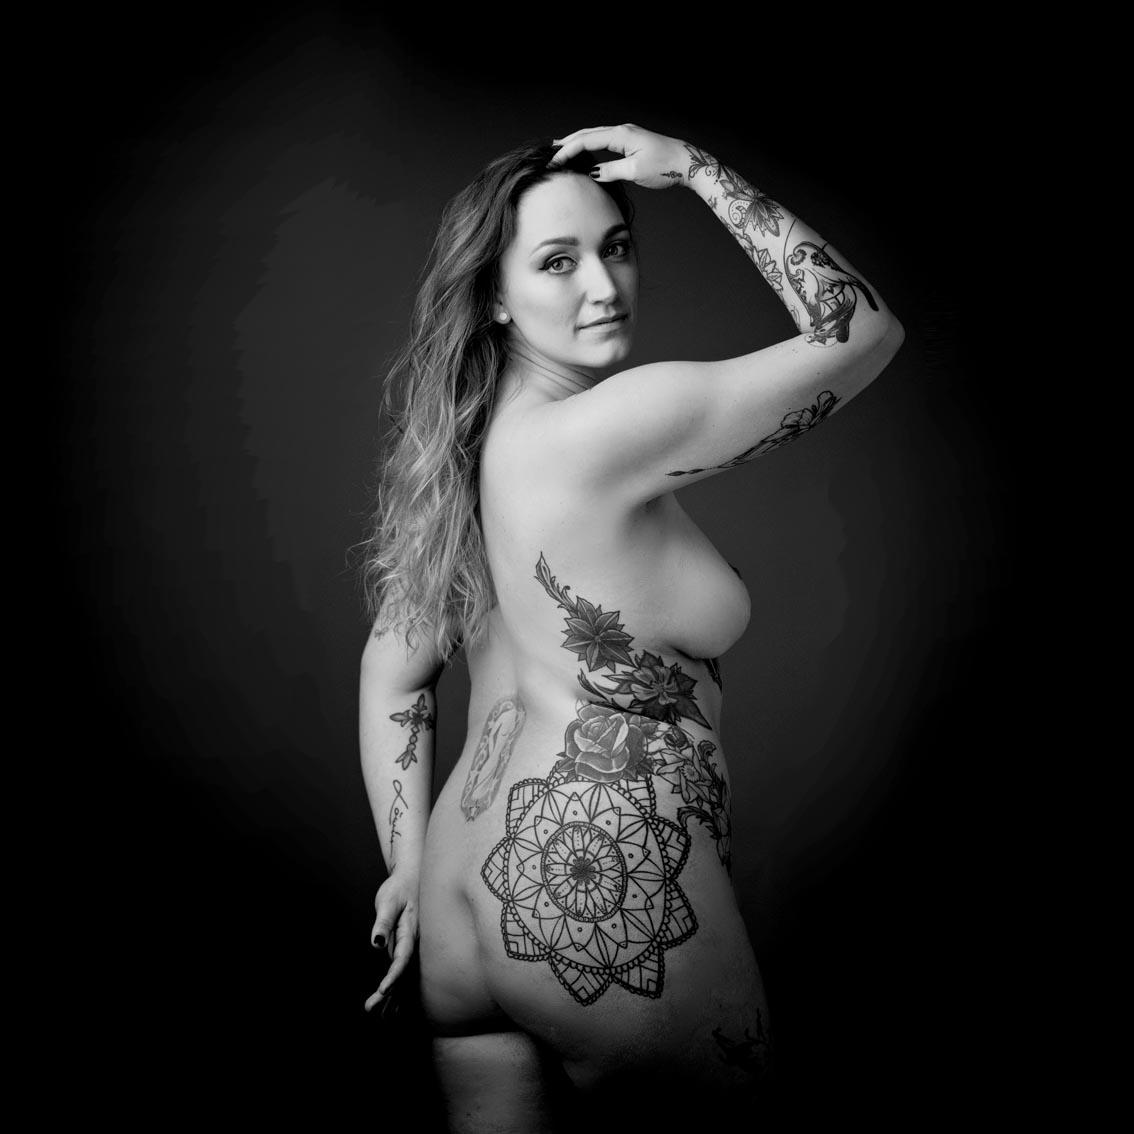 Frau, nackt, Tattoo, Duesseldorf